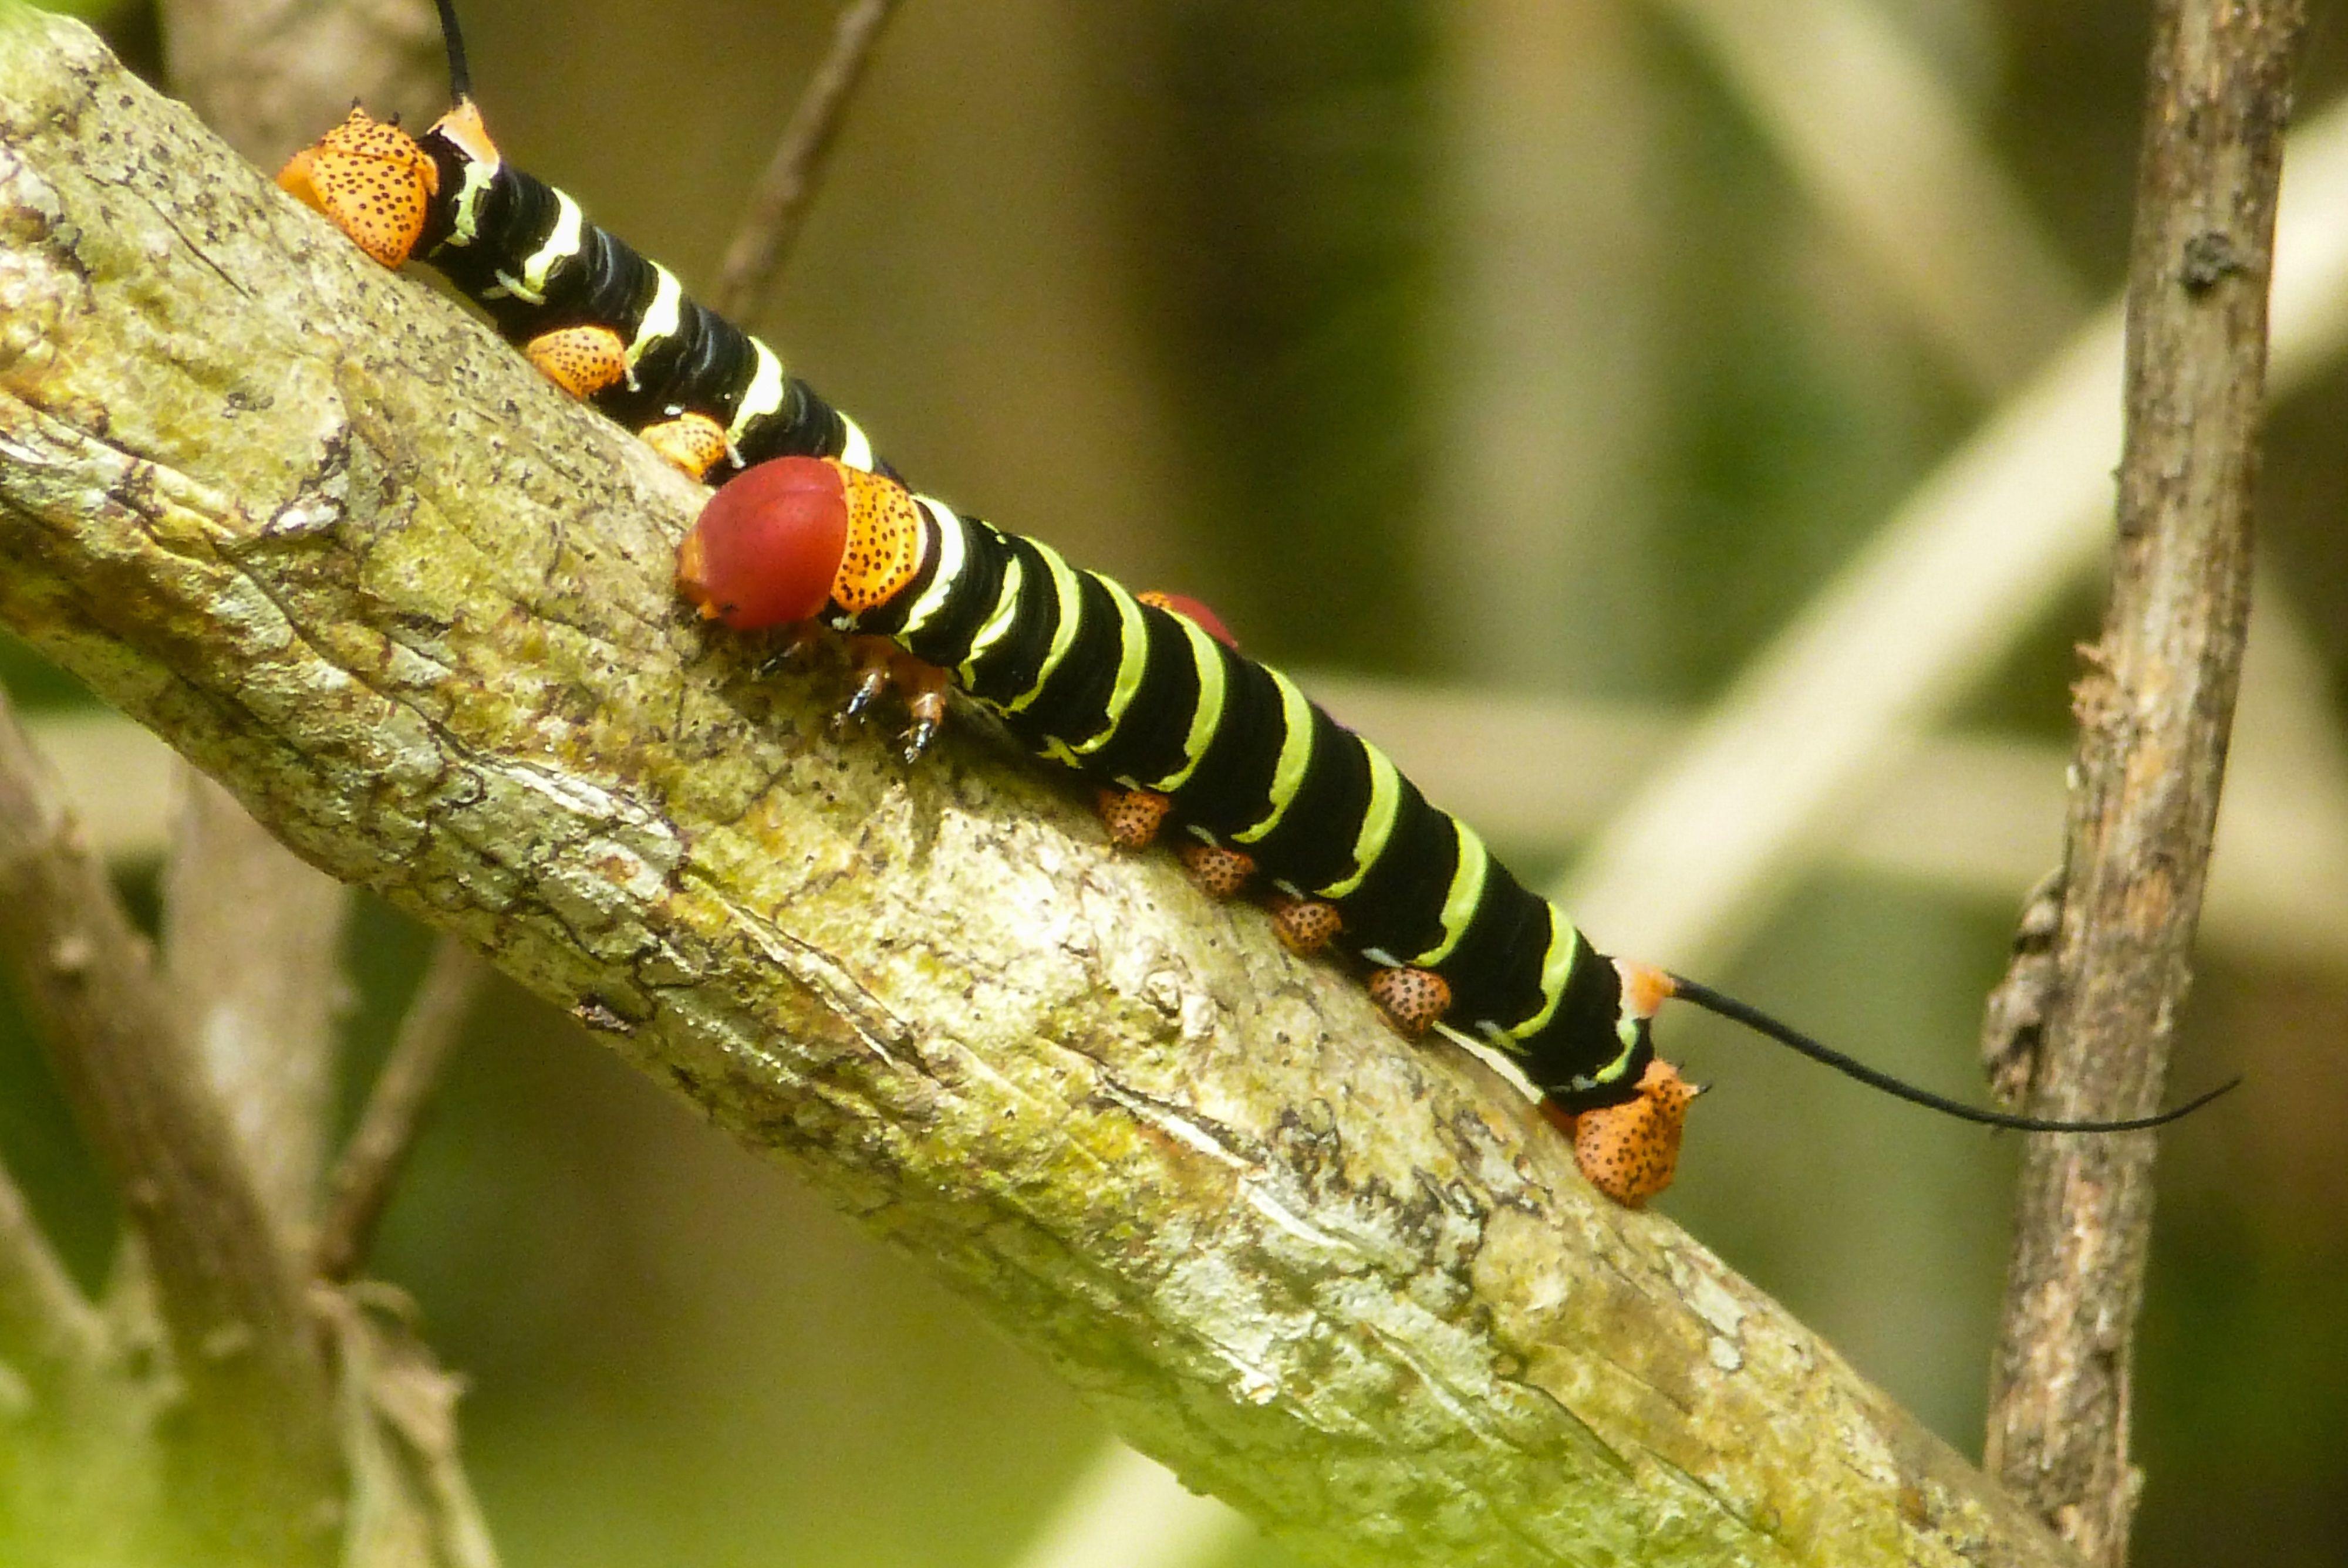 Înregistrarea insectelor. Nu lasati insectele sa va afecteze timpul petrecut in aer liber